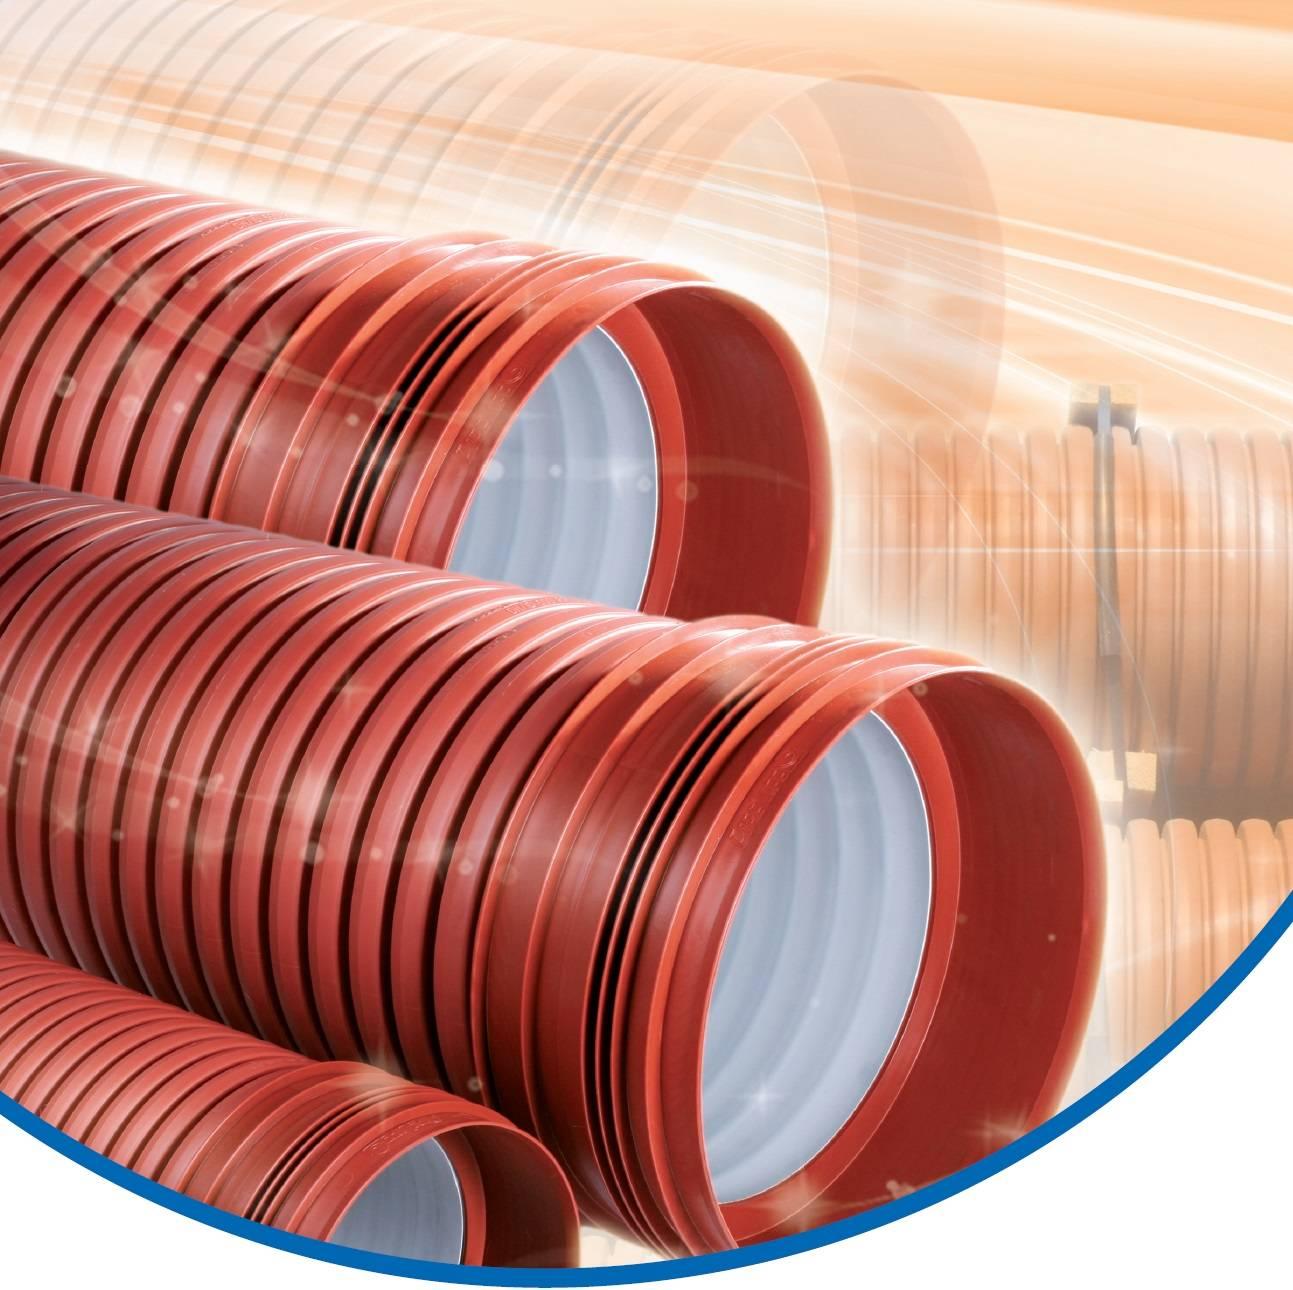 Технические характеристики труб корсис – виды труб для канализации